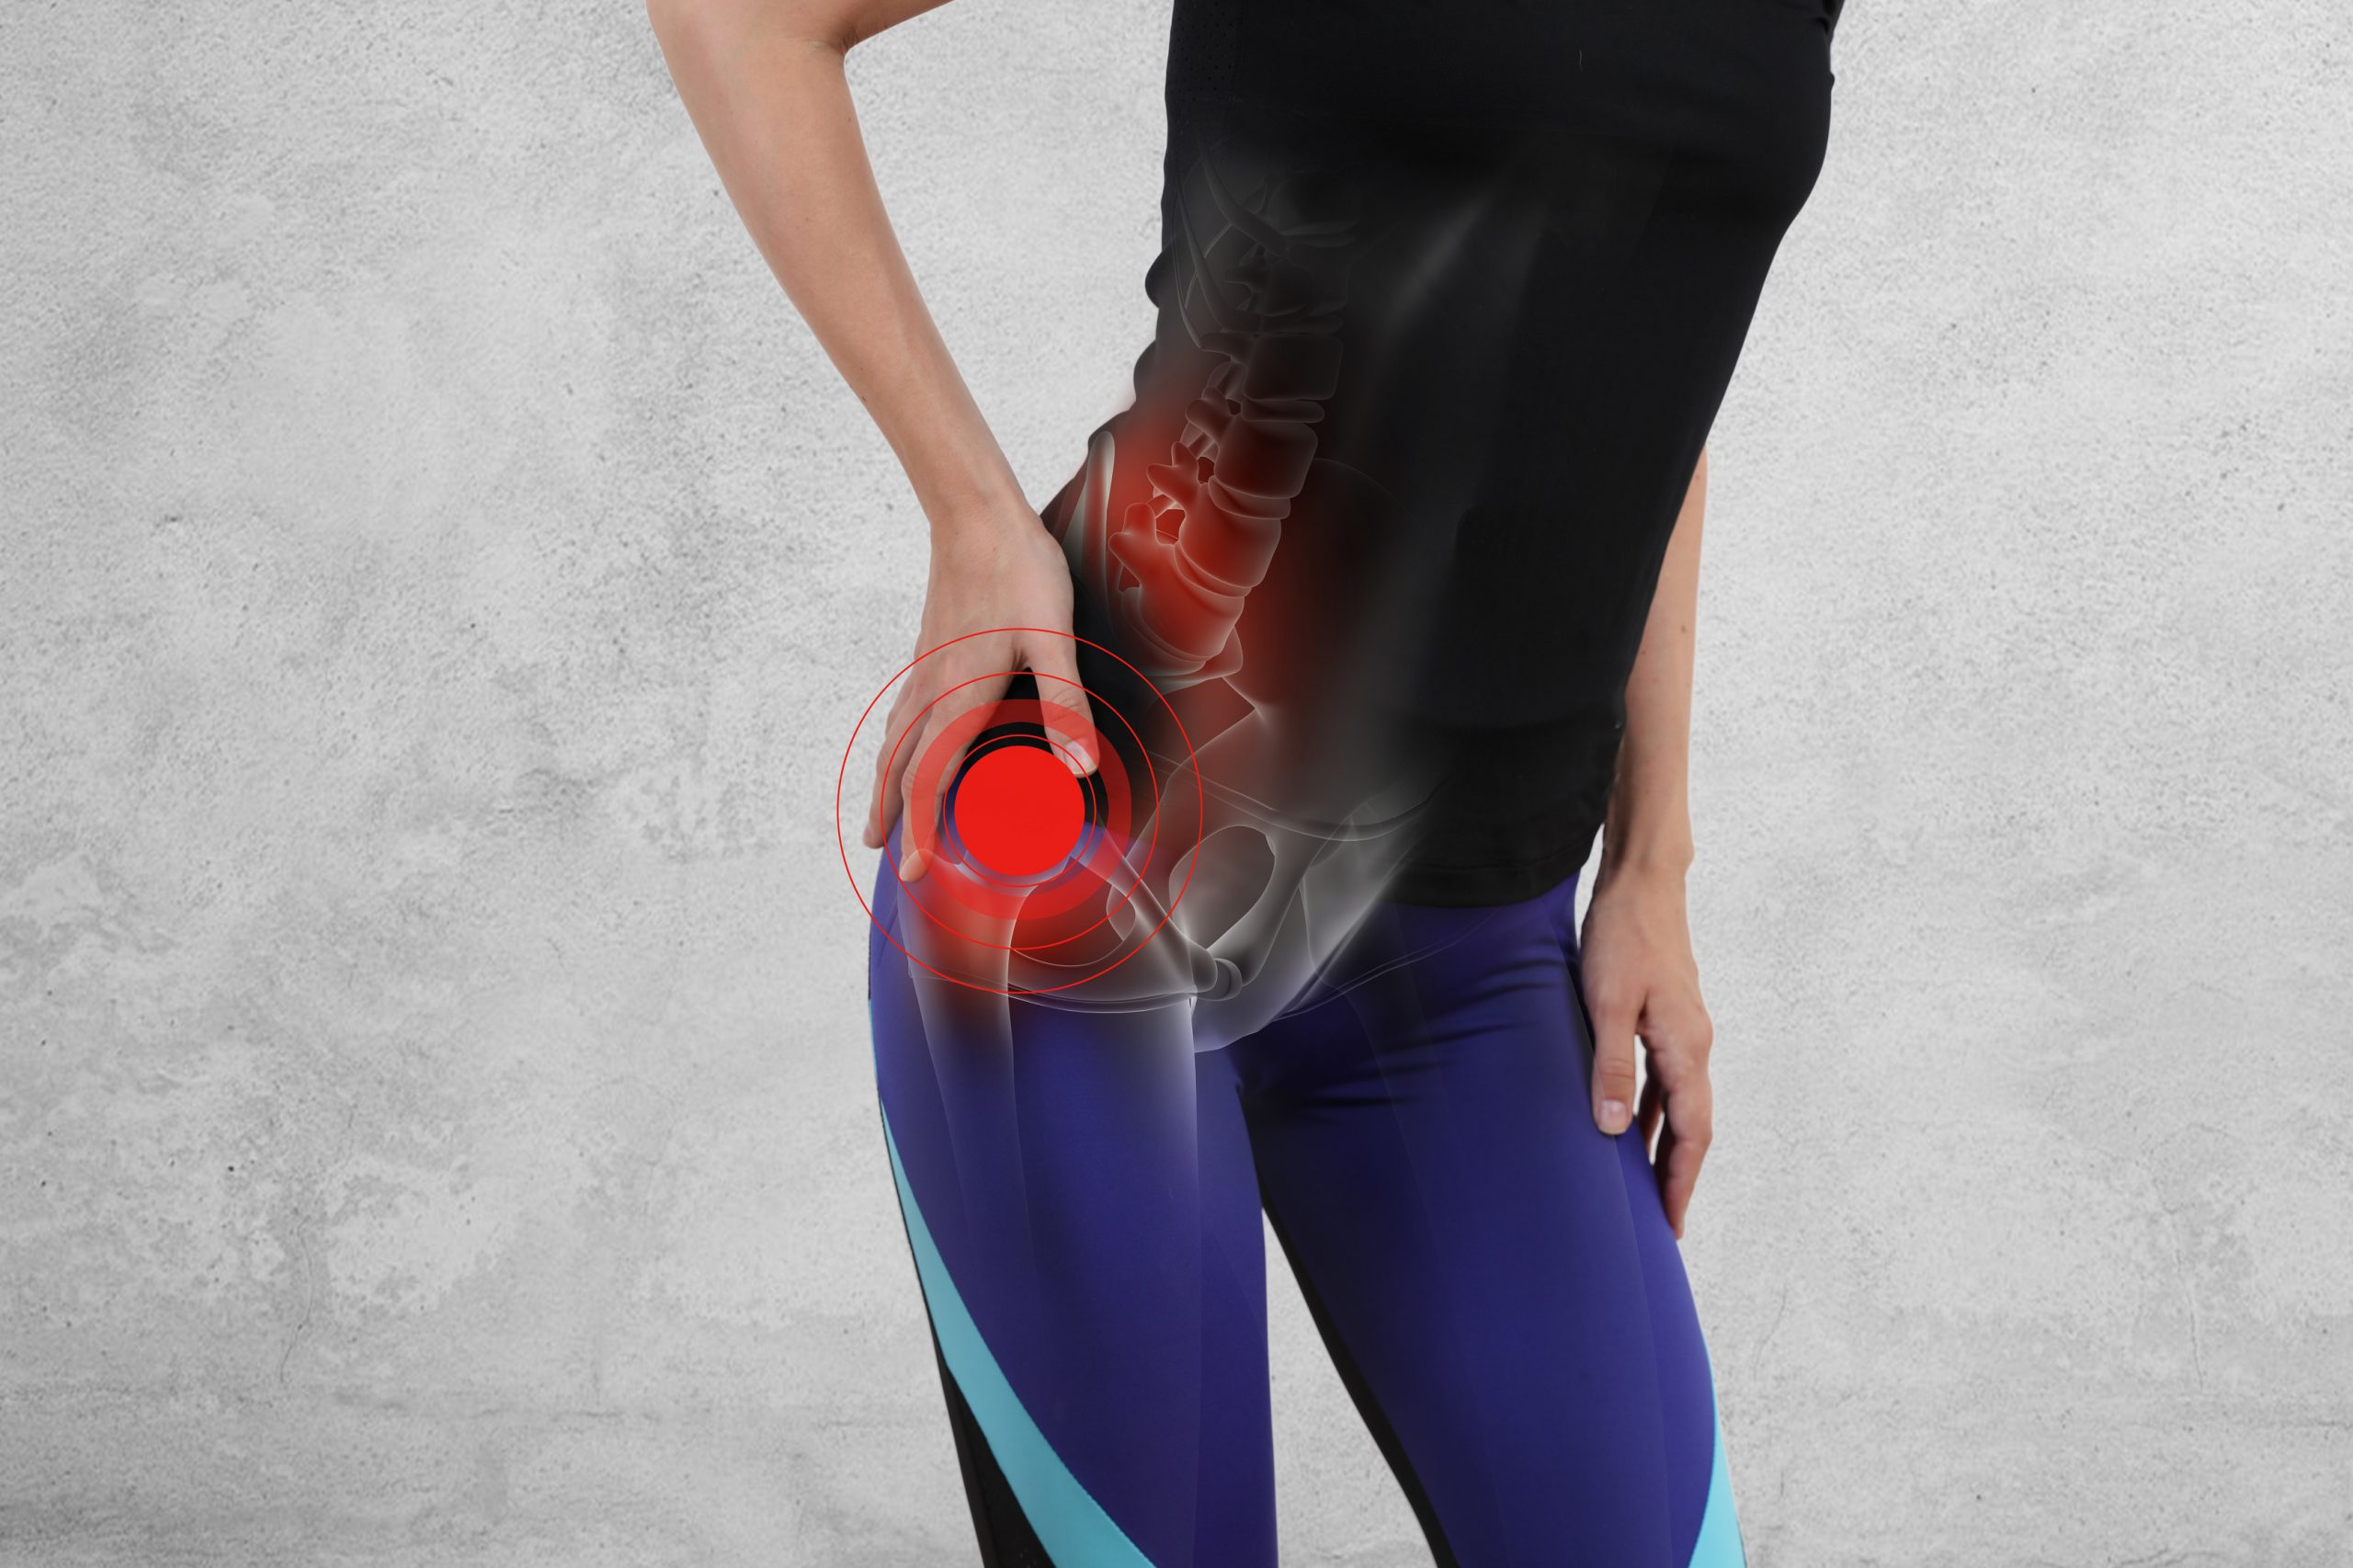 Lesão pélvica na corrida: veja como identificar e tratar - Foto: Adobe Stock